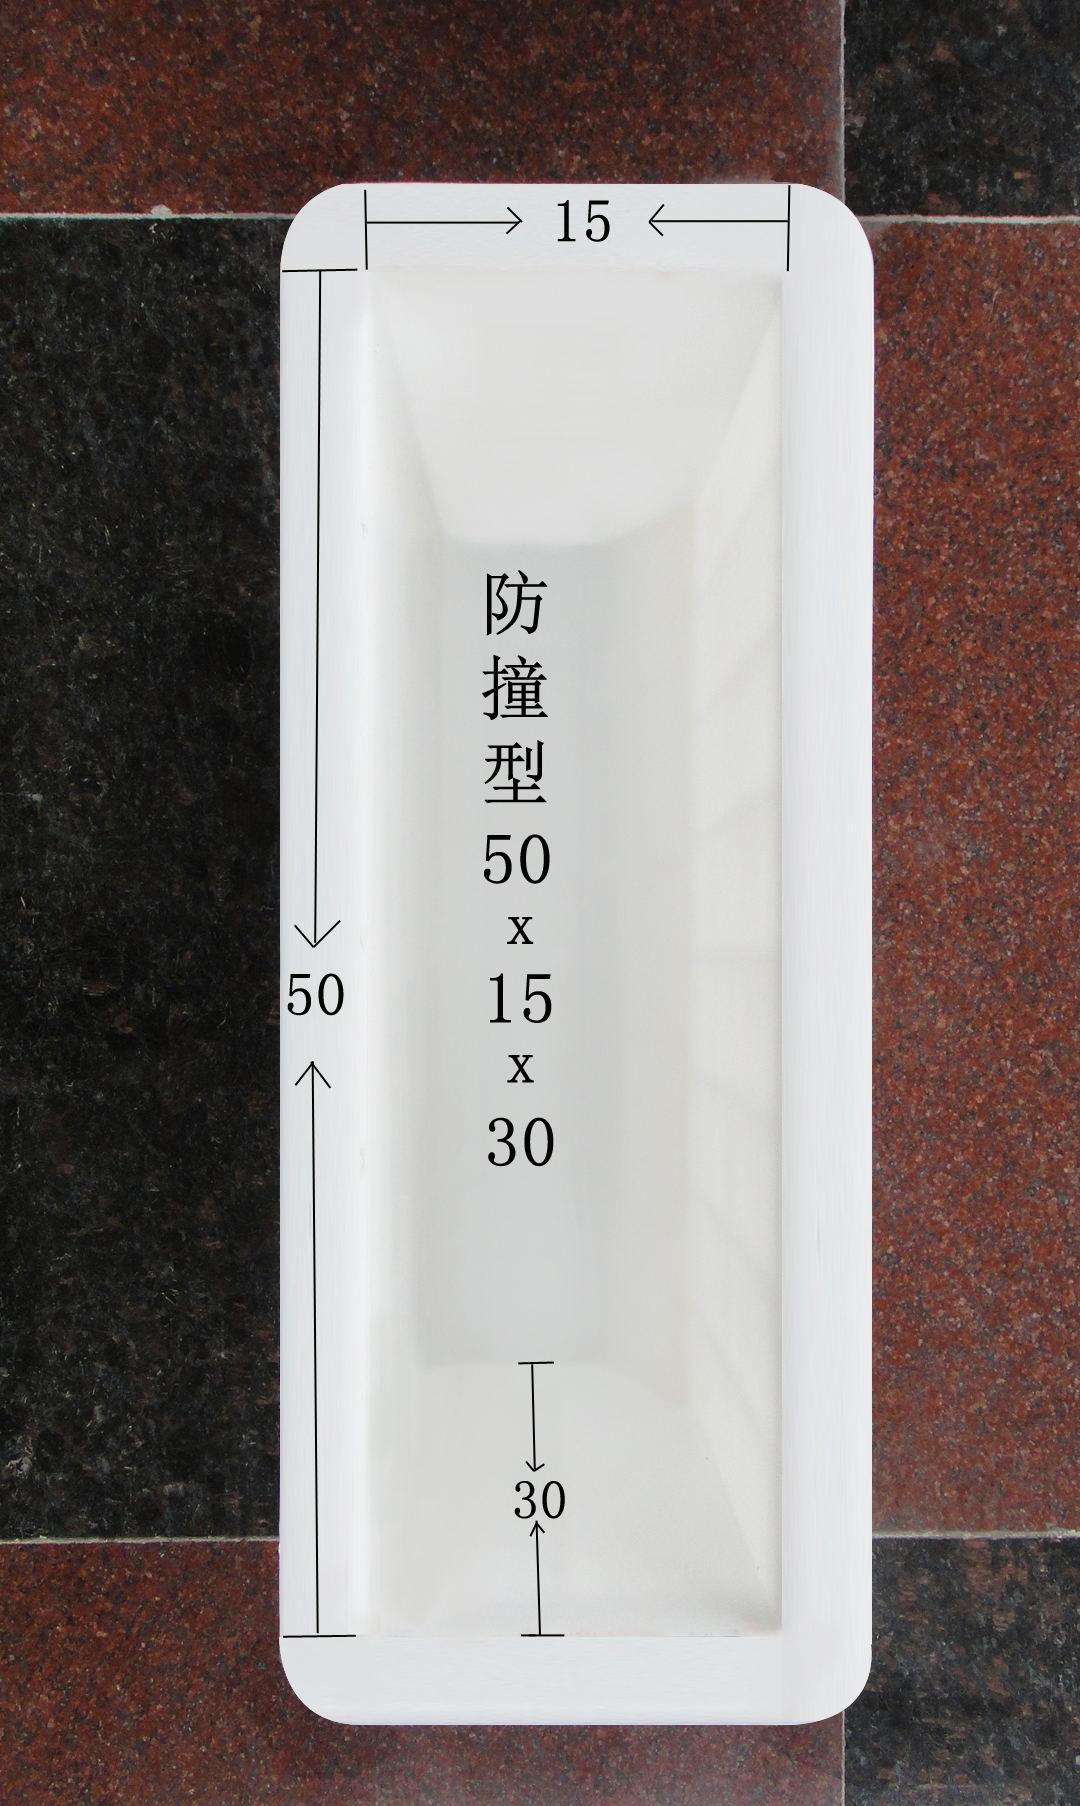 防撞型:50x15x30(2000g)